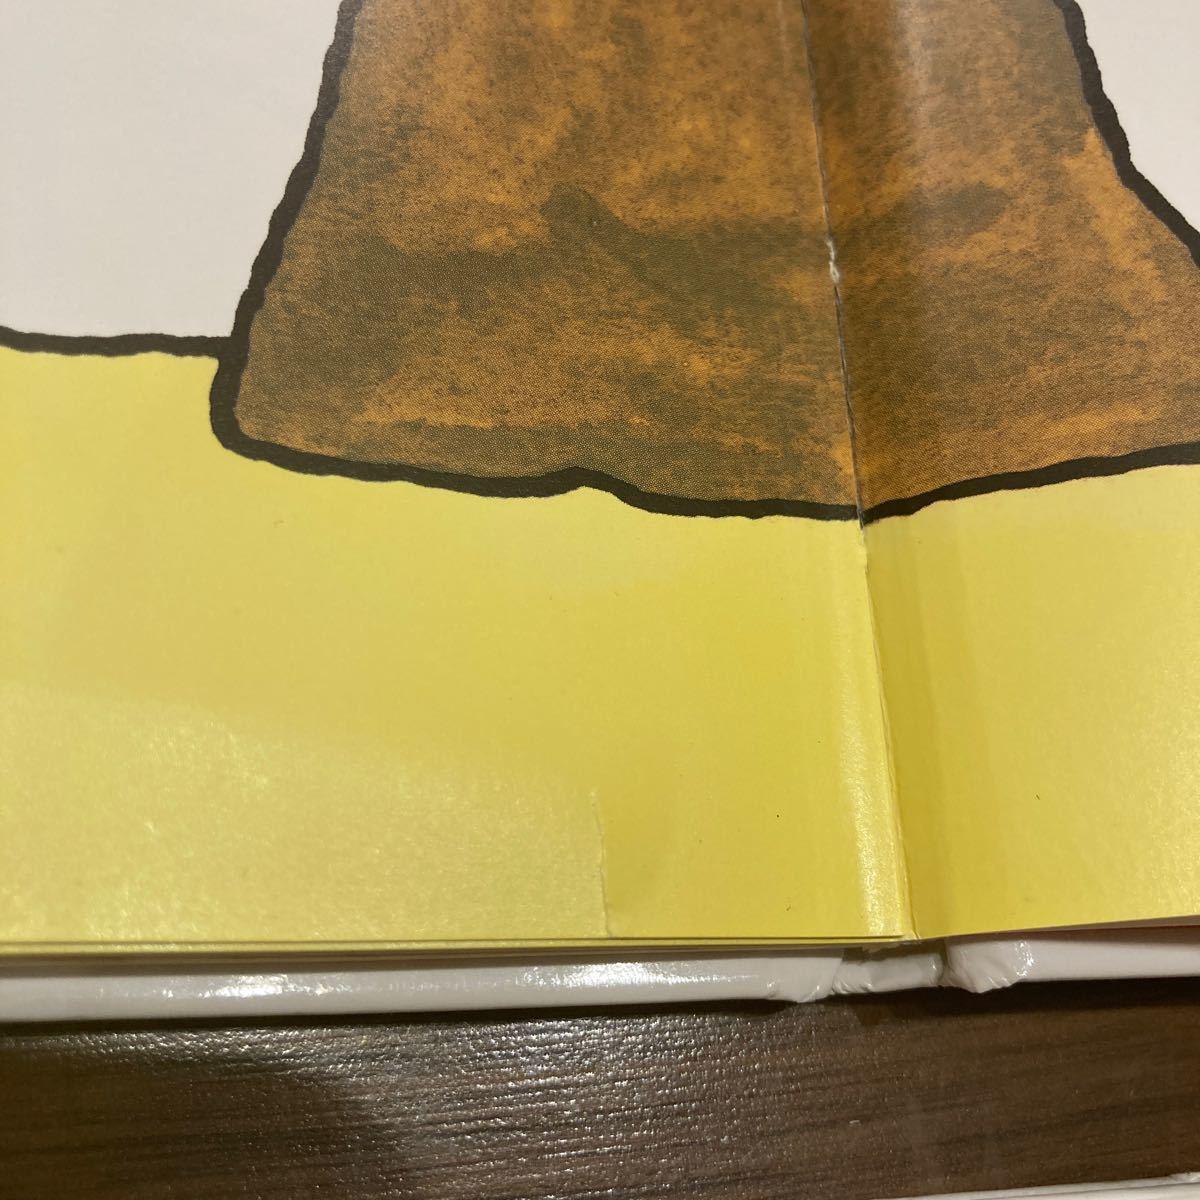 ノンタンあそぼうよ 絵本セット 20冊 ★全21巻(1冊欠品)のんたん キヨノサチコ